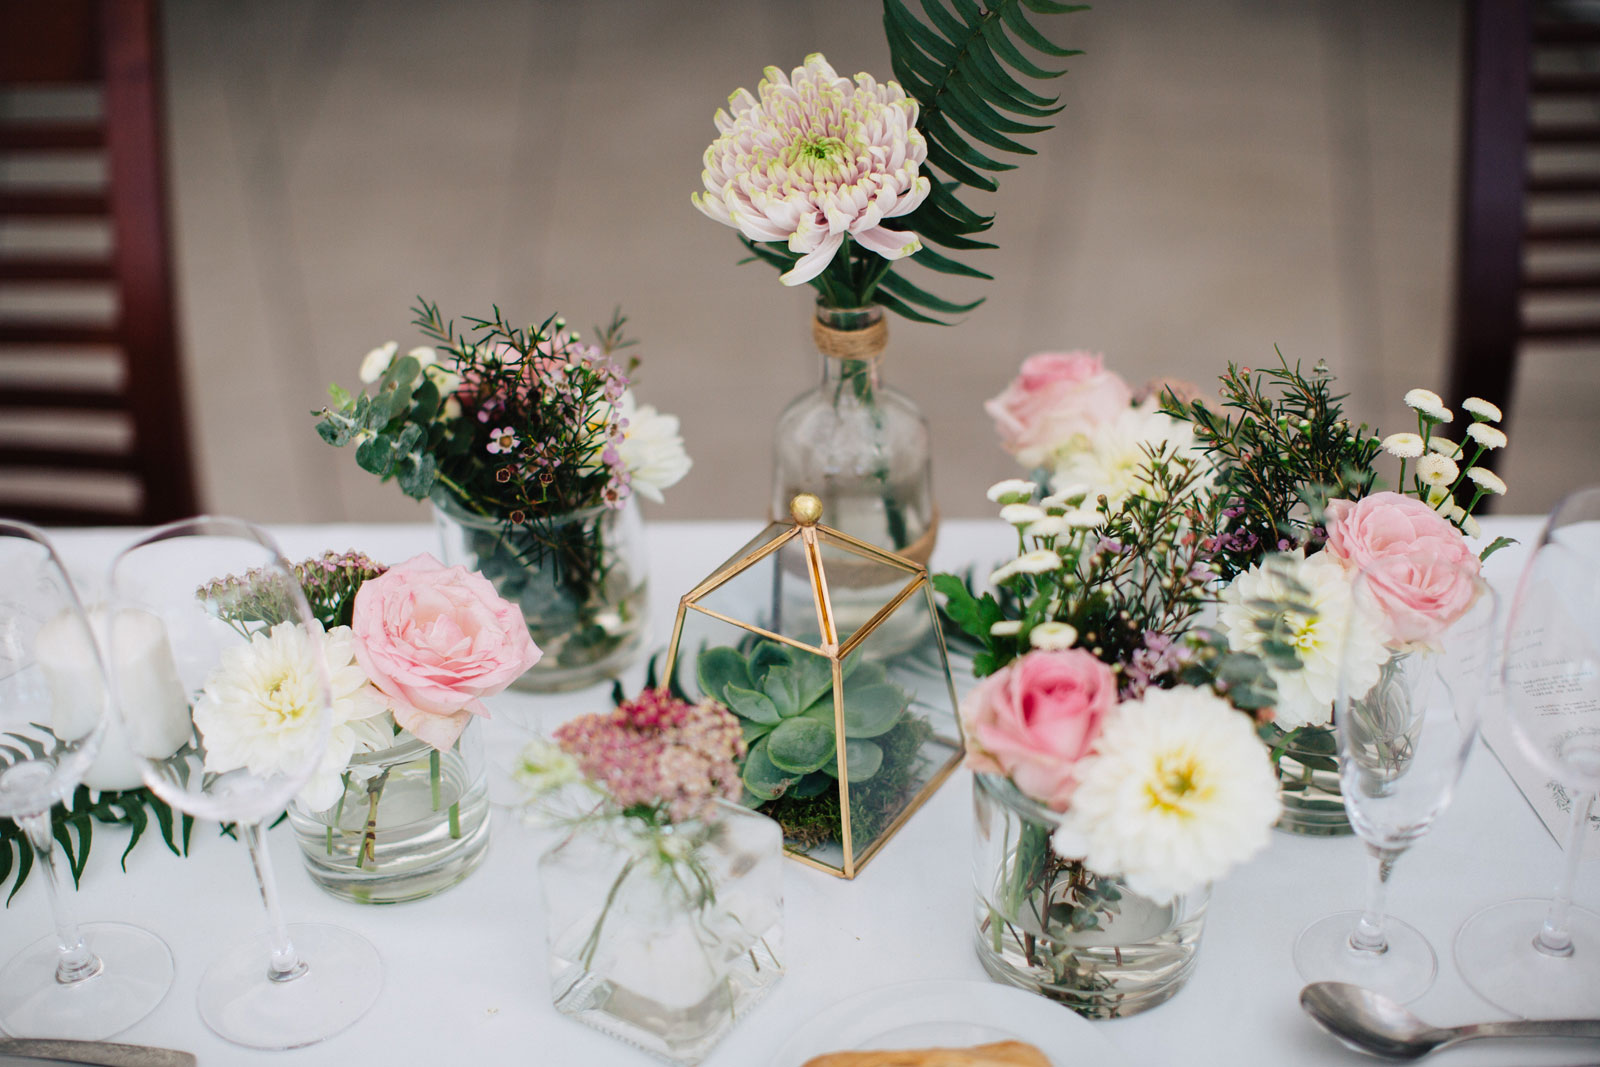 Décoration Floral et végétale